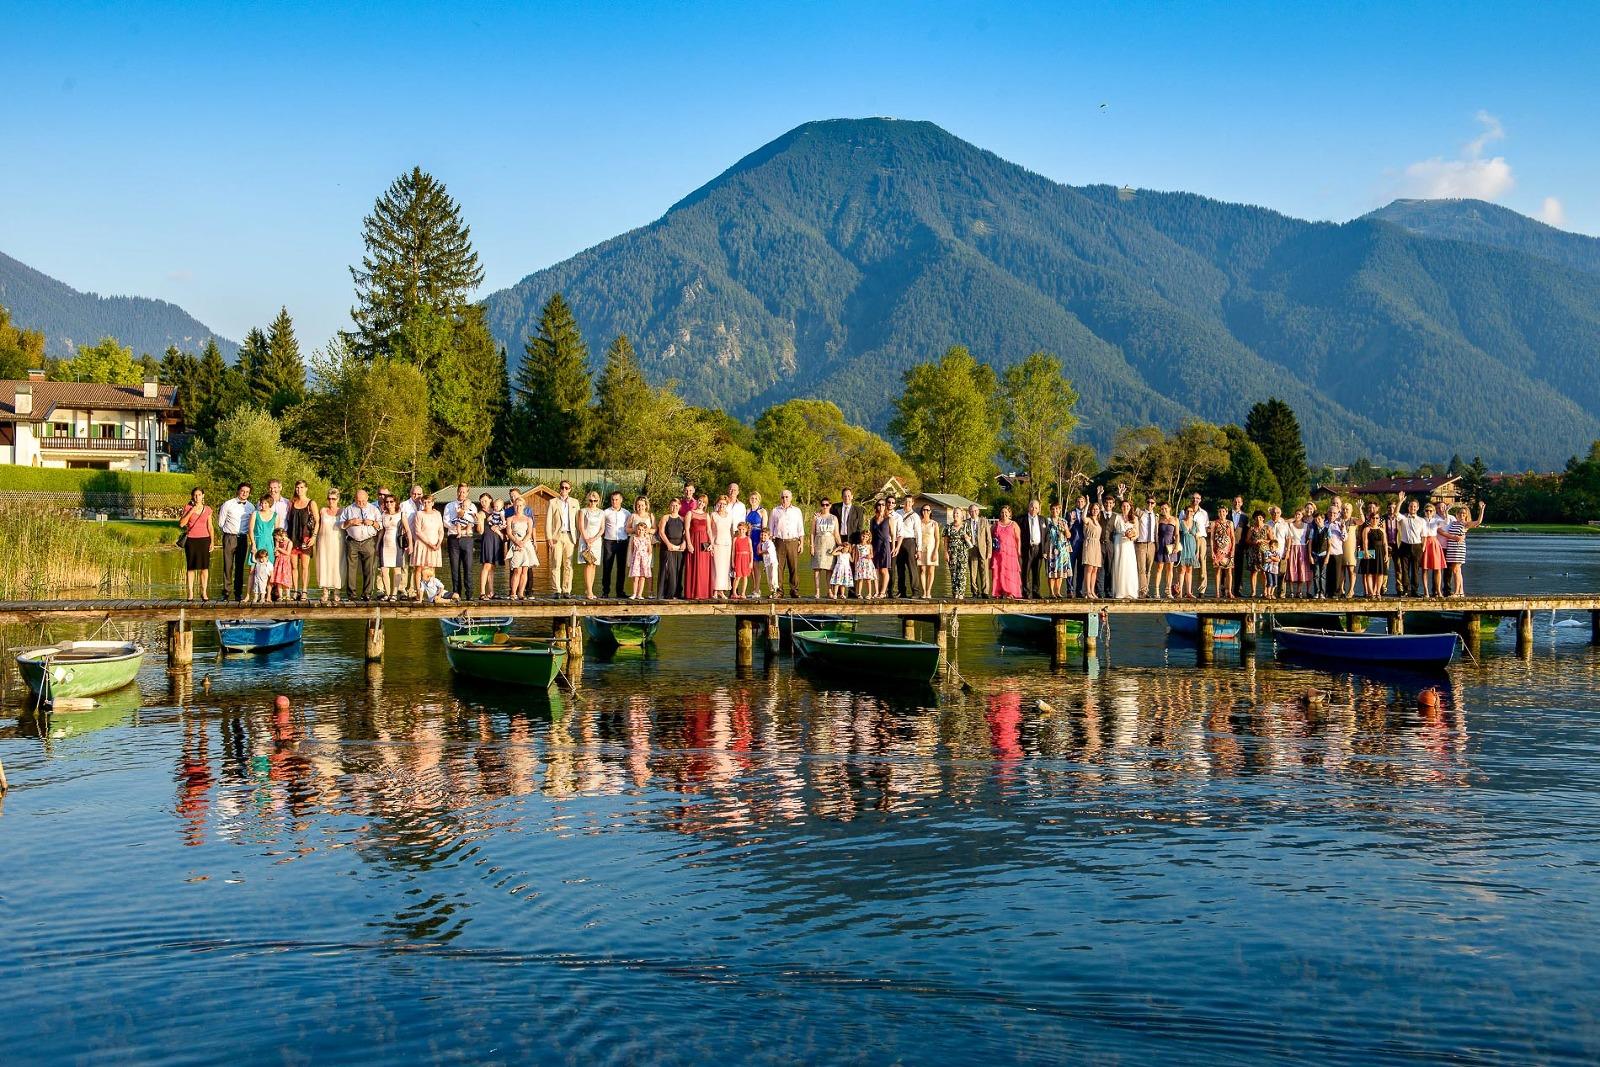 Hochzeitsfotograf aus München am Tegernsee, Gruppenfoto auf dem Steg am See